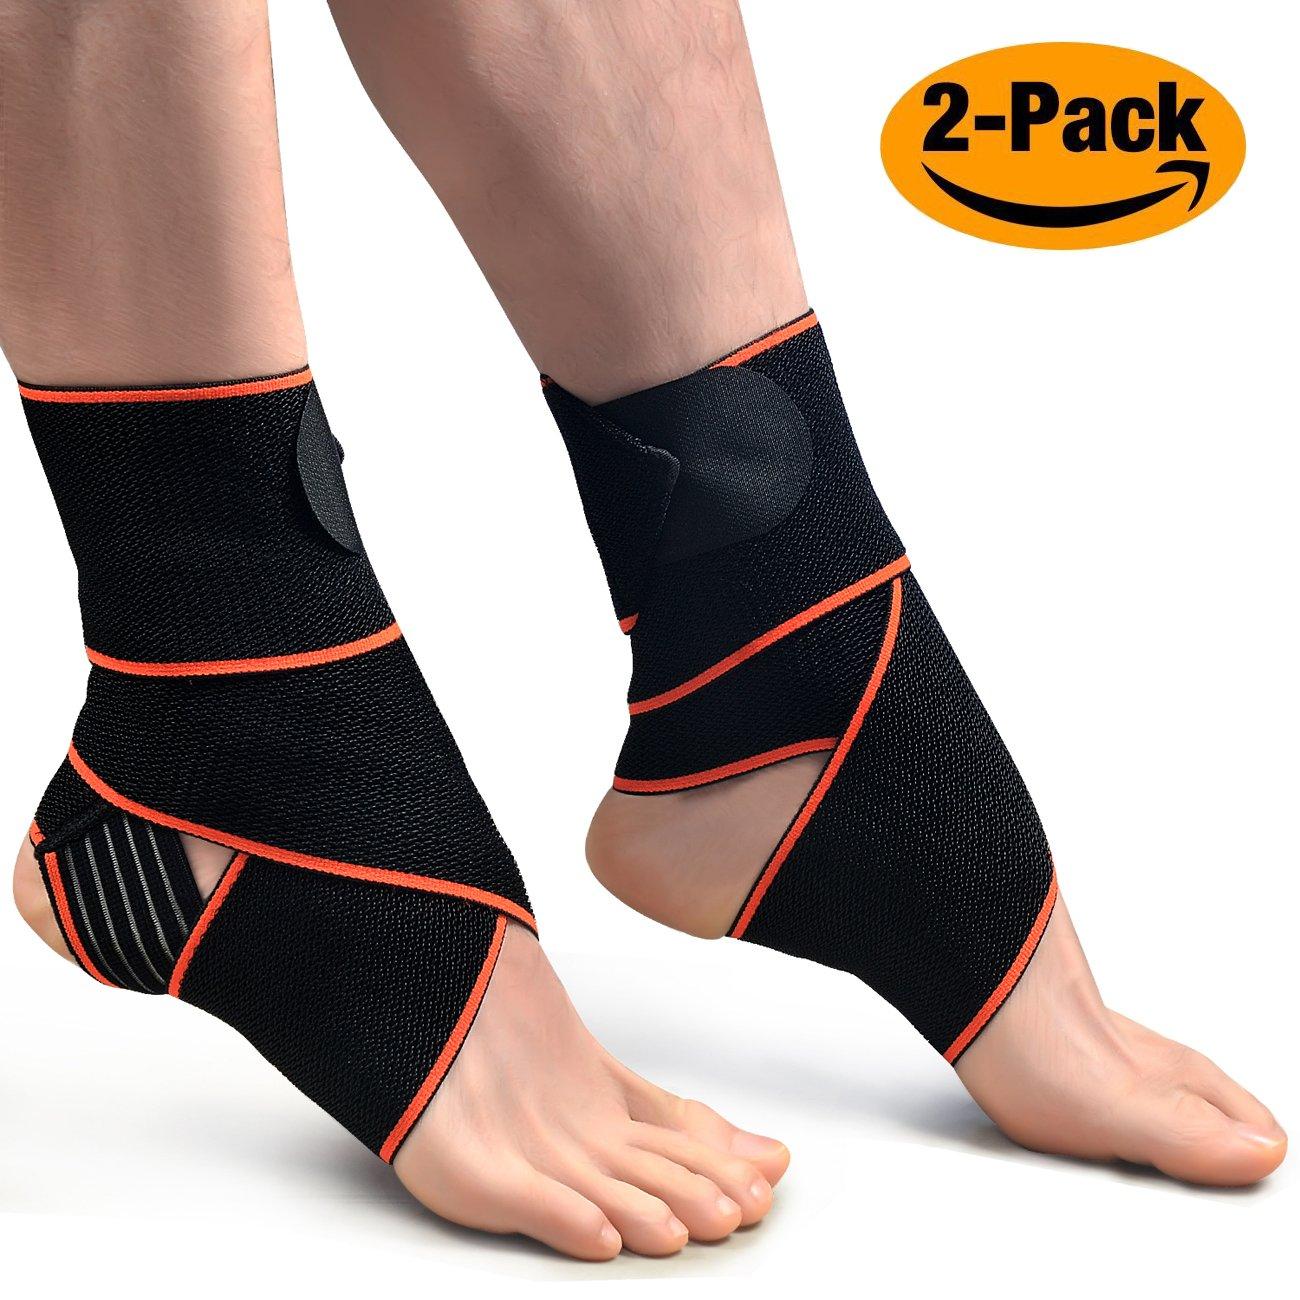 1paire Chevillère, Oxyland réglable support de cheville Super élastique et confortable Idéal pour les sportifs de compression, protège contre les Chroniques Cheville la fatigue, les en